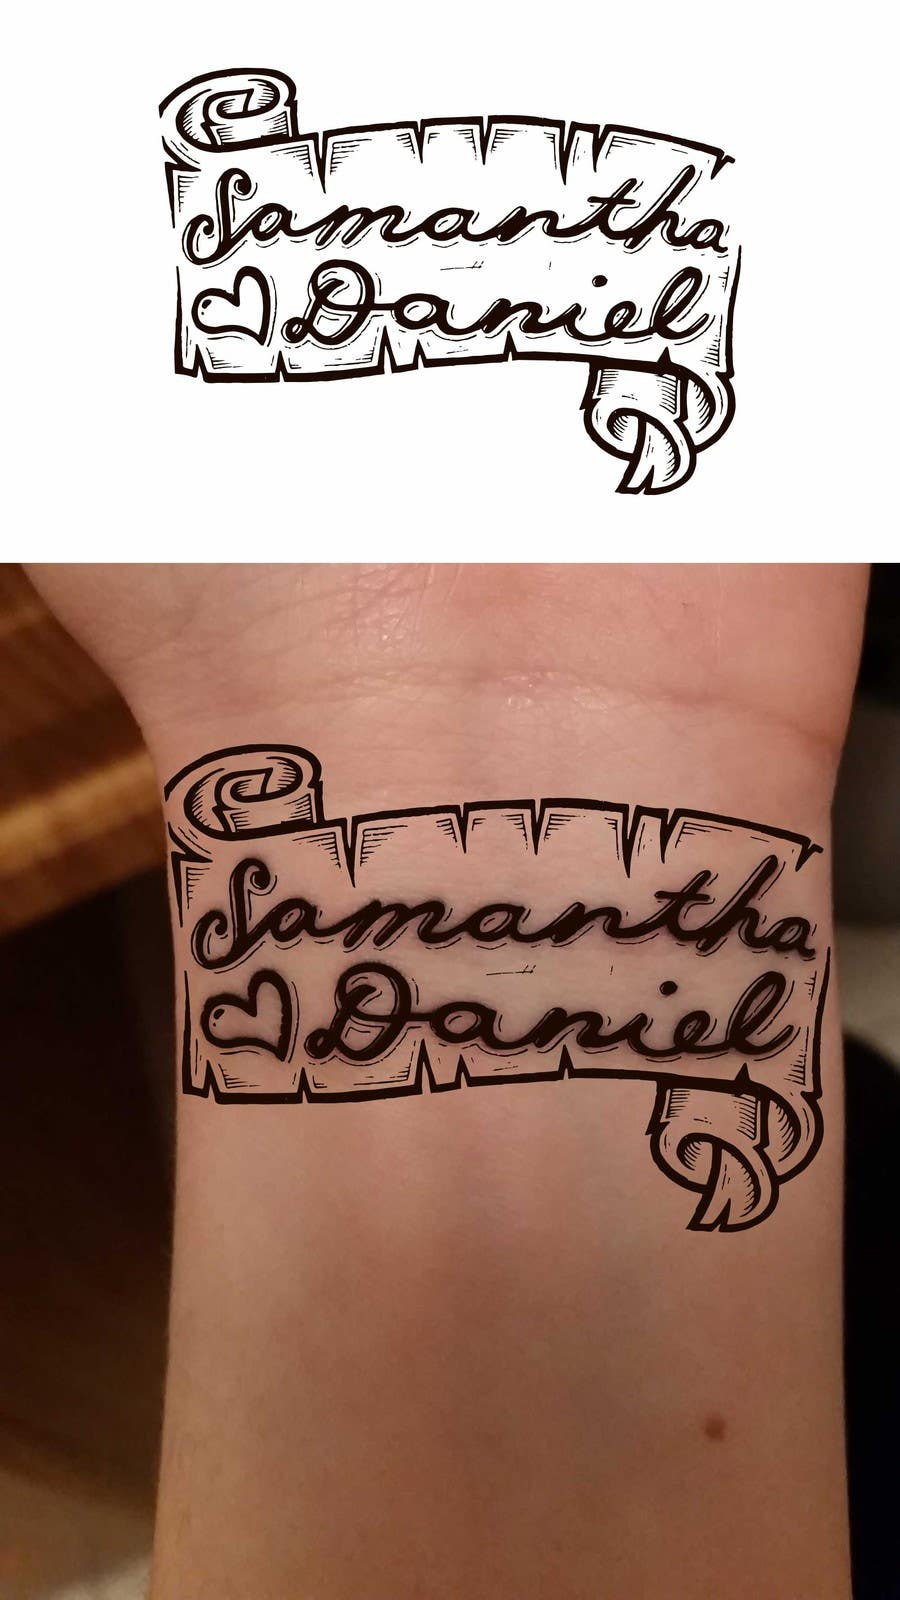 Bài tham dự cuộc thi #                                        32                                      cho                                         Update this Tattoo